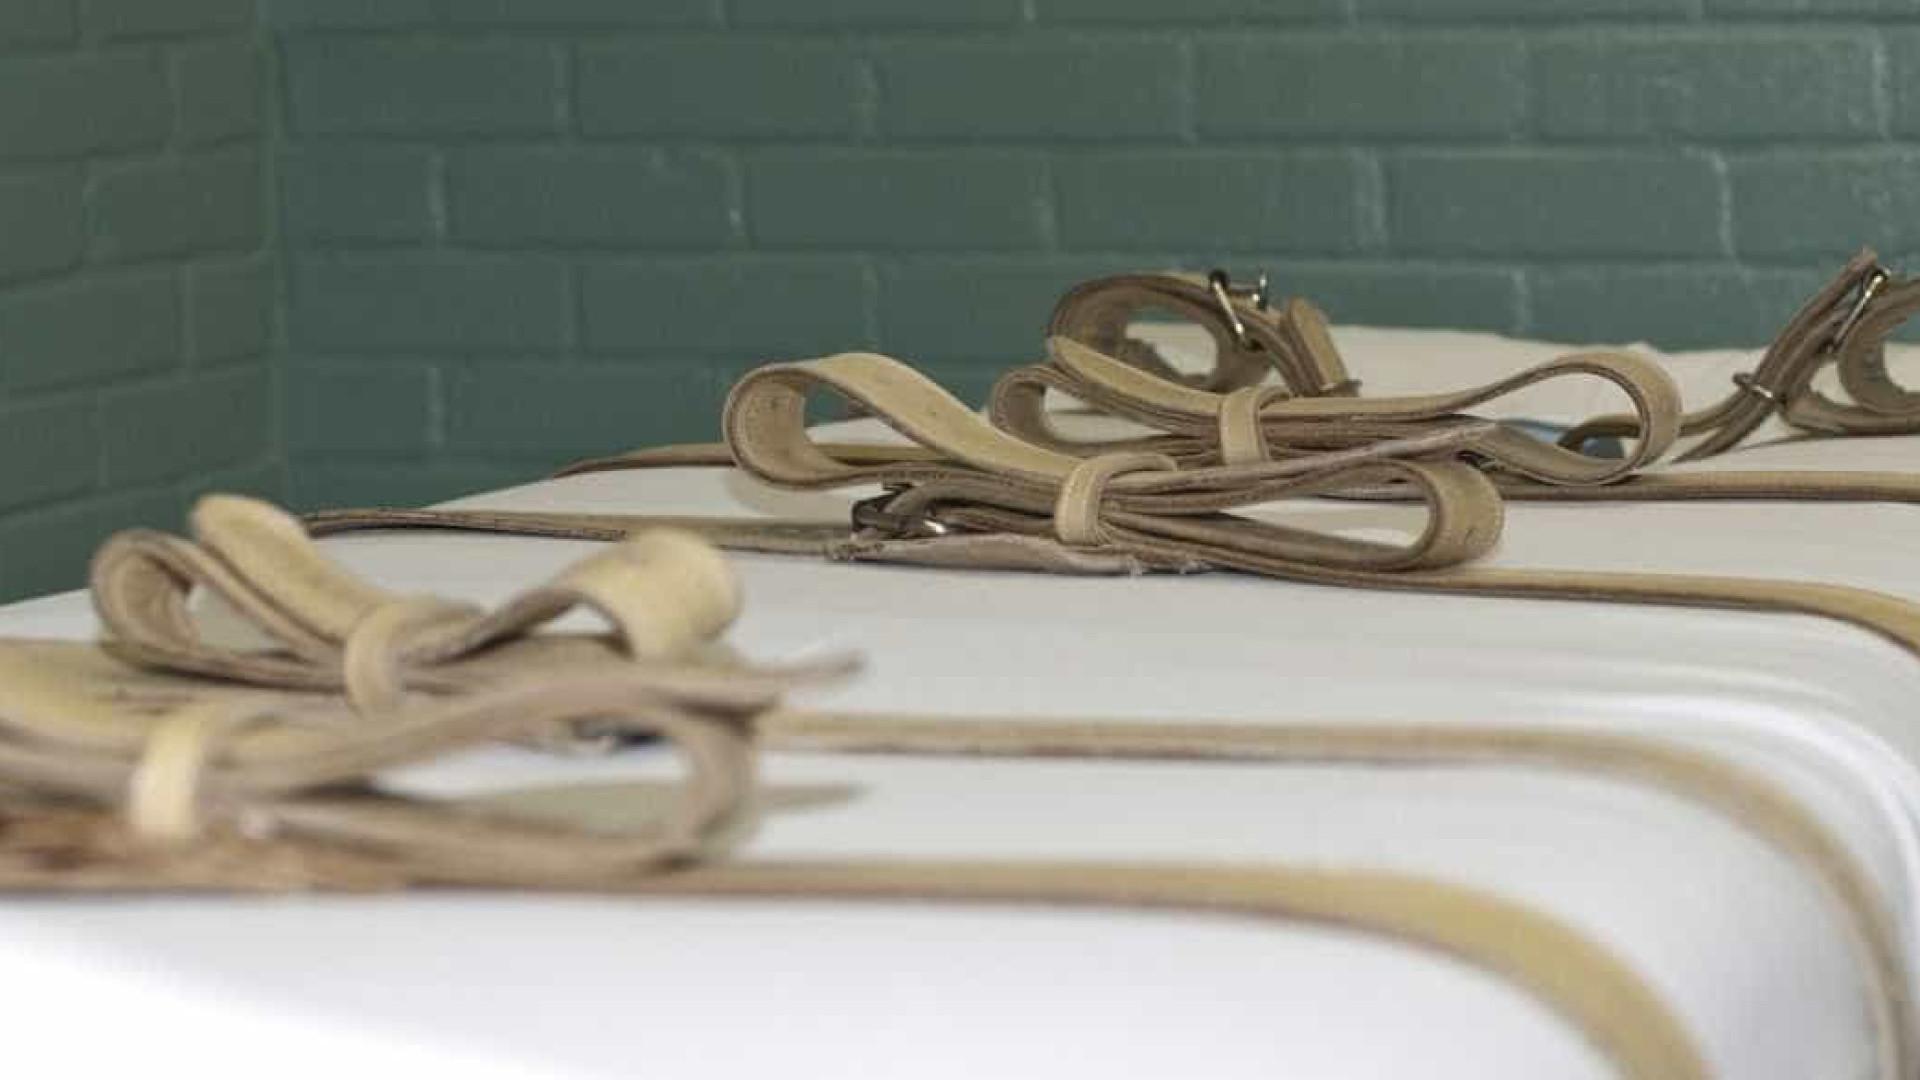 Washington declara pena de morte como inconstitucional